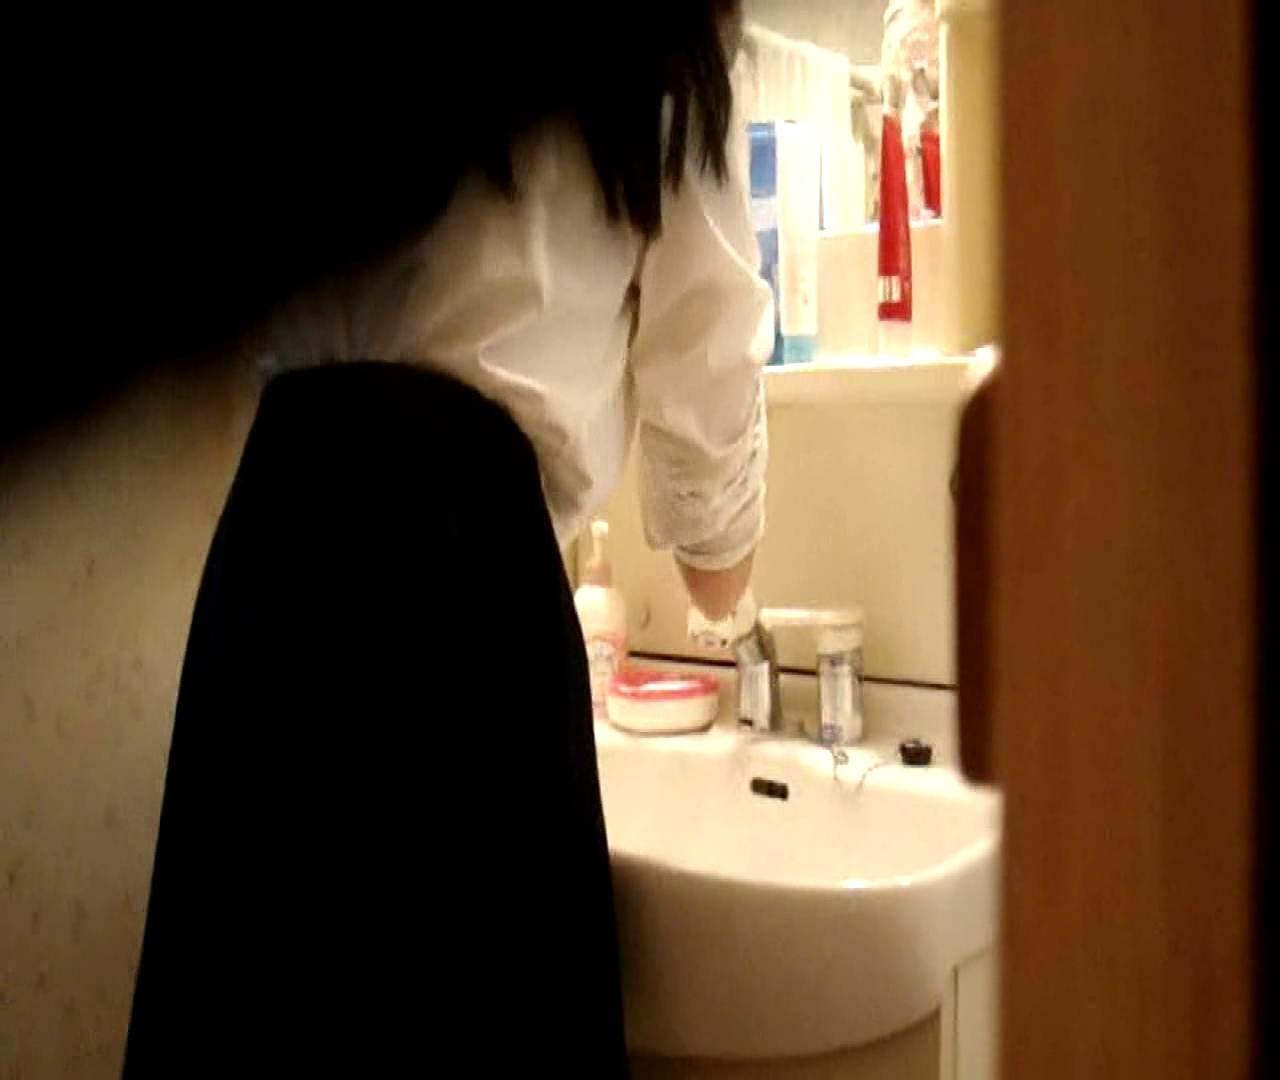 二人とも育てた甲斐がありました… vol.05 まどかが洗顔後にブラを洗濯 HなOL | 0  98pic 50